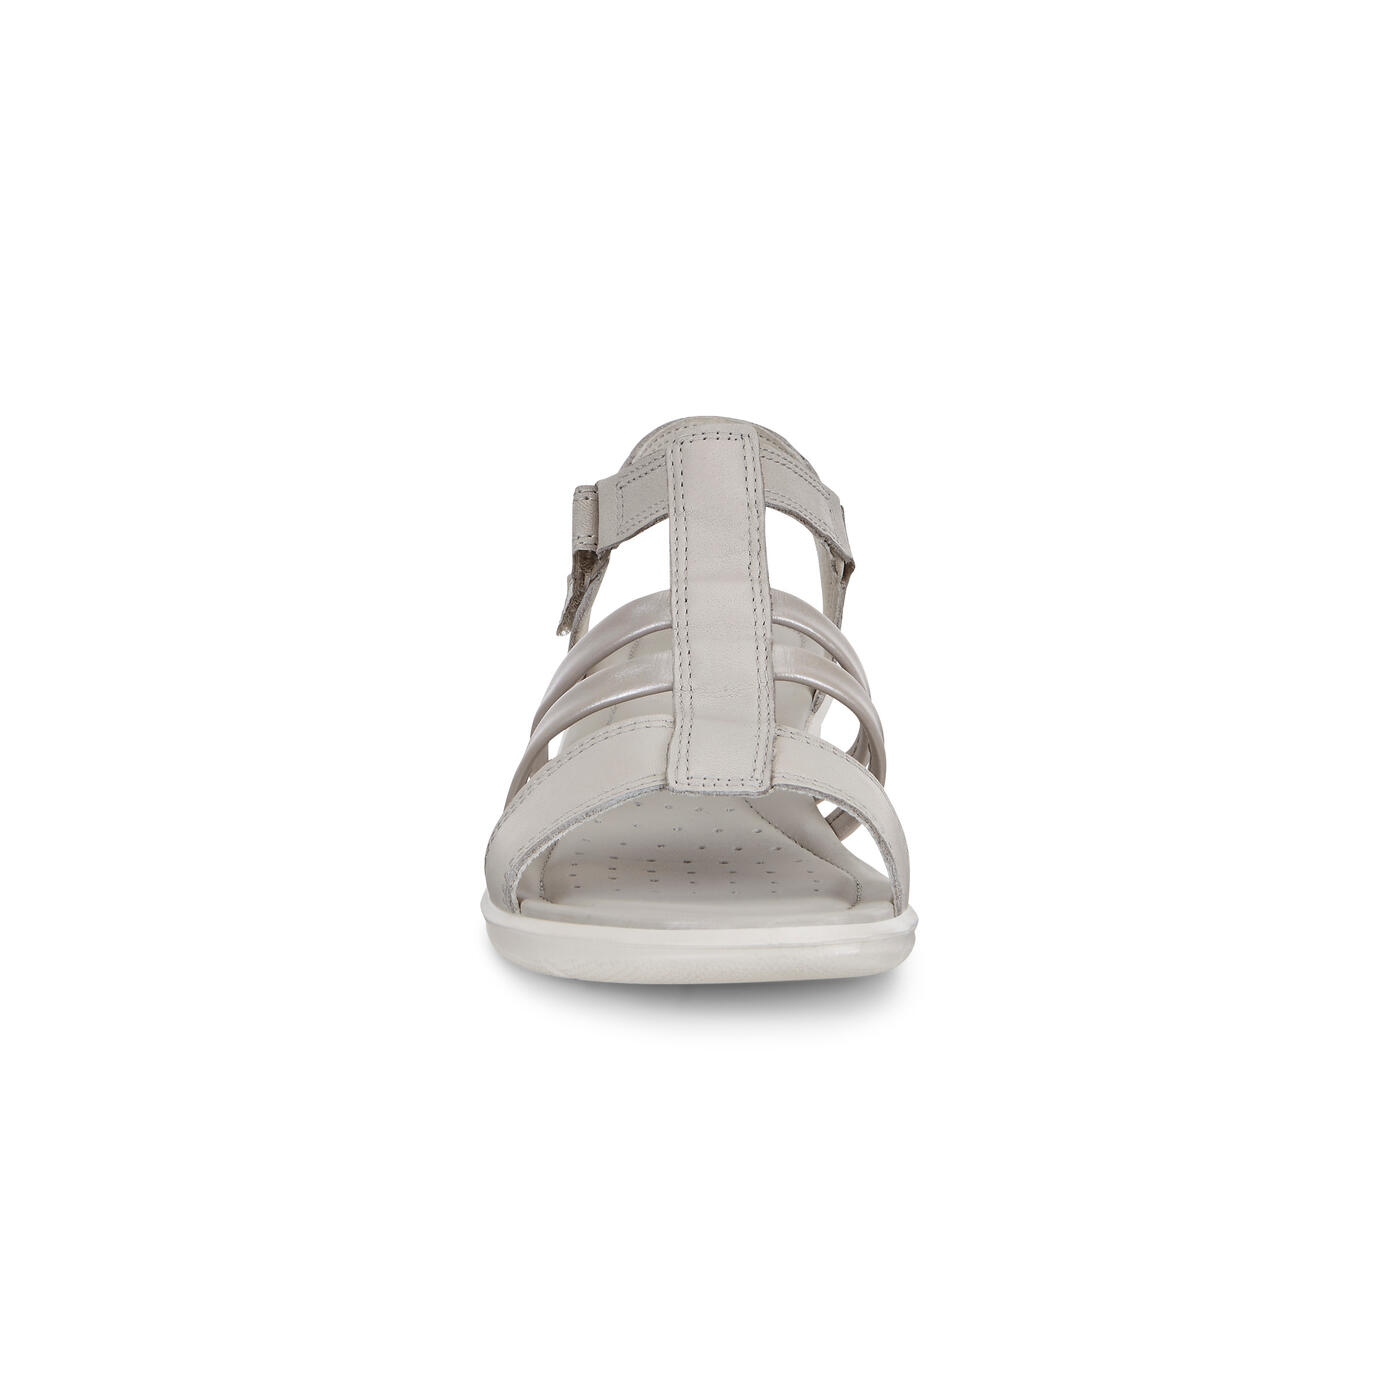 ECCO FELICIA Ankle Strap Sandal